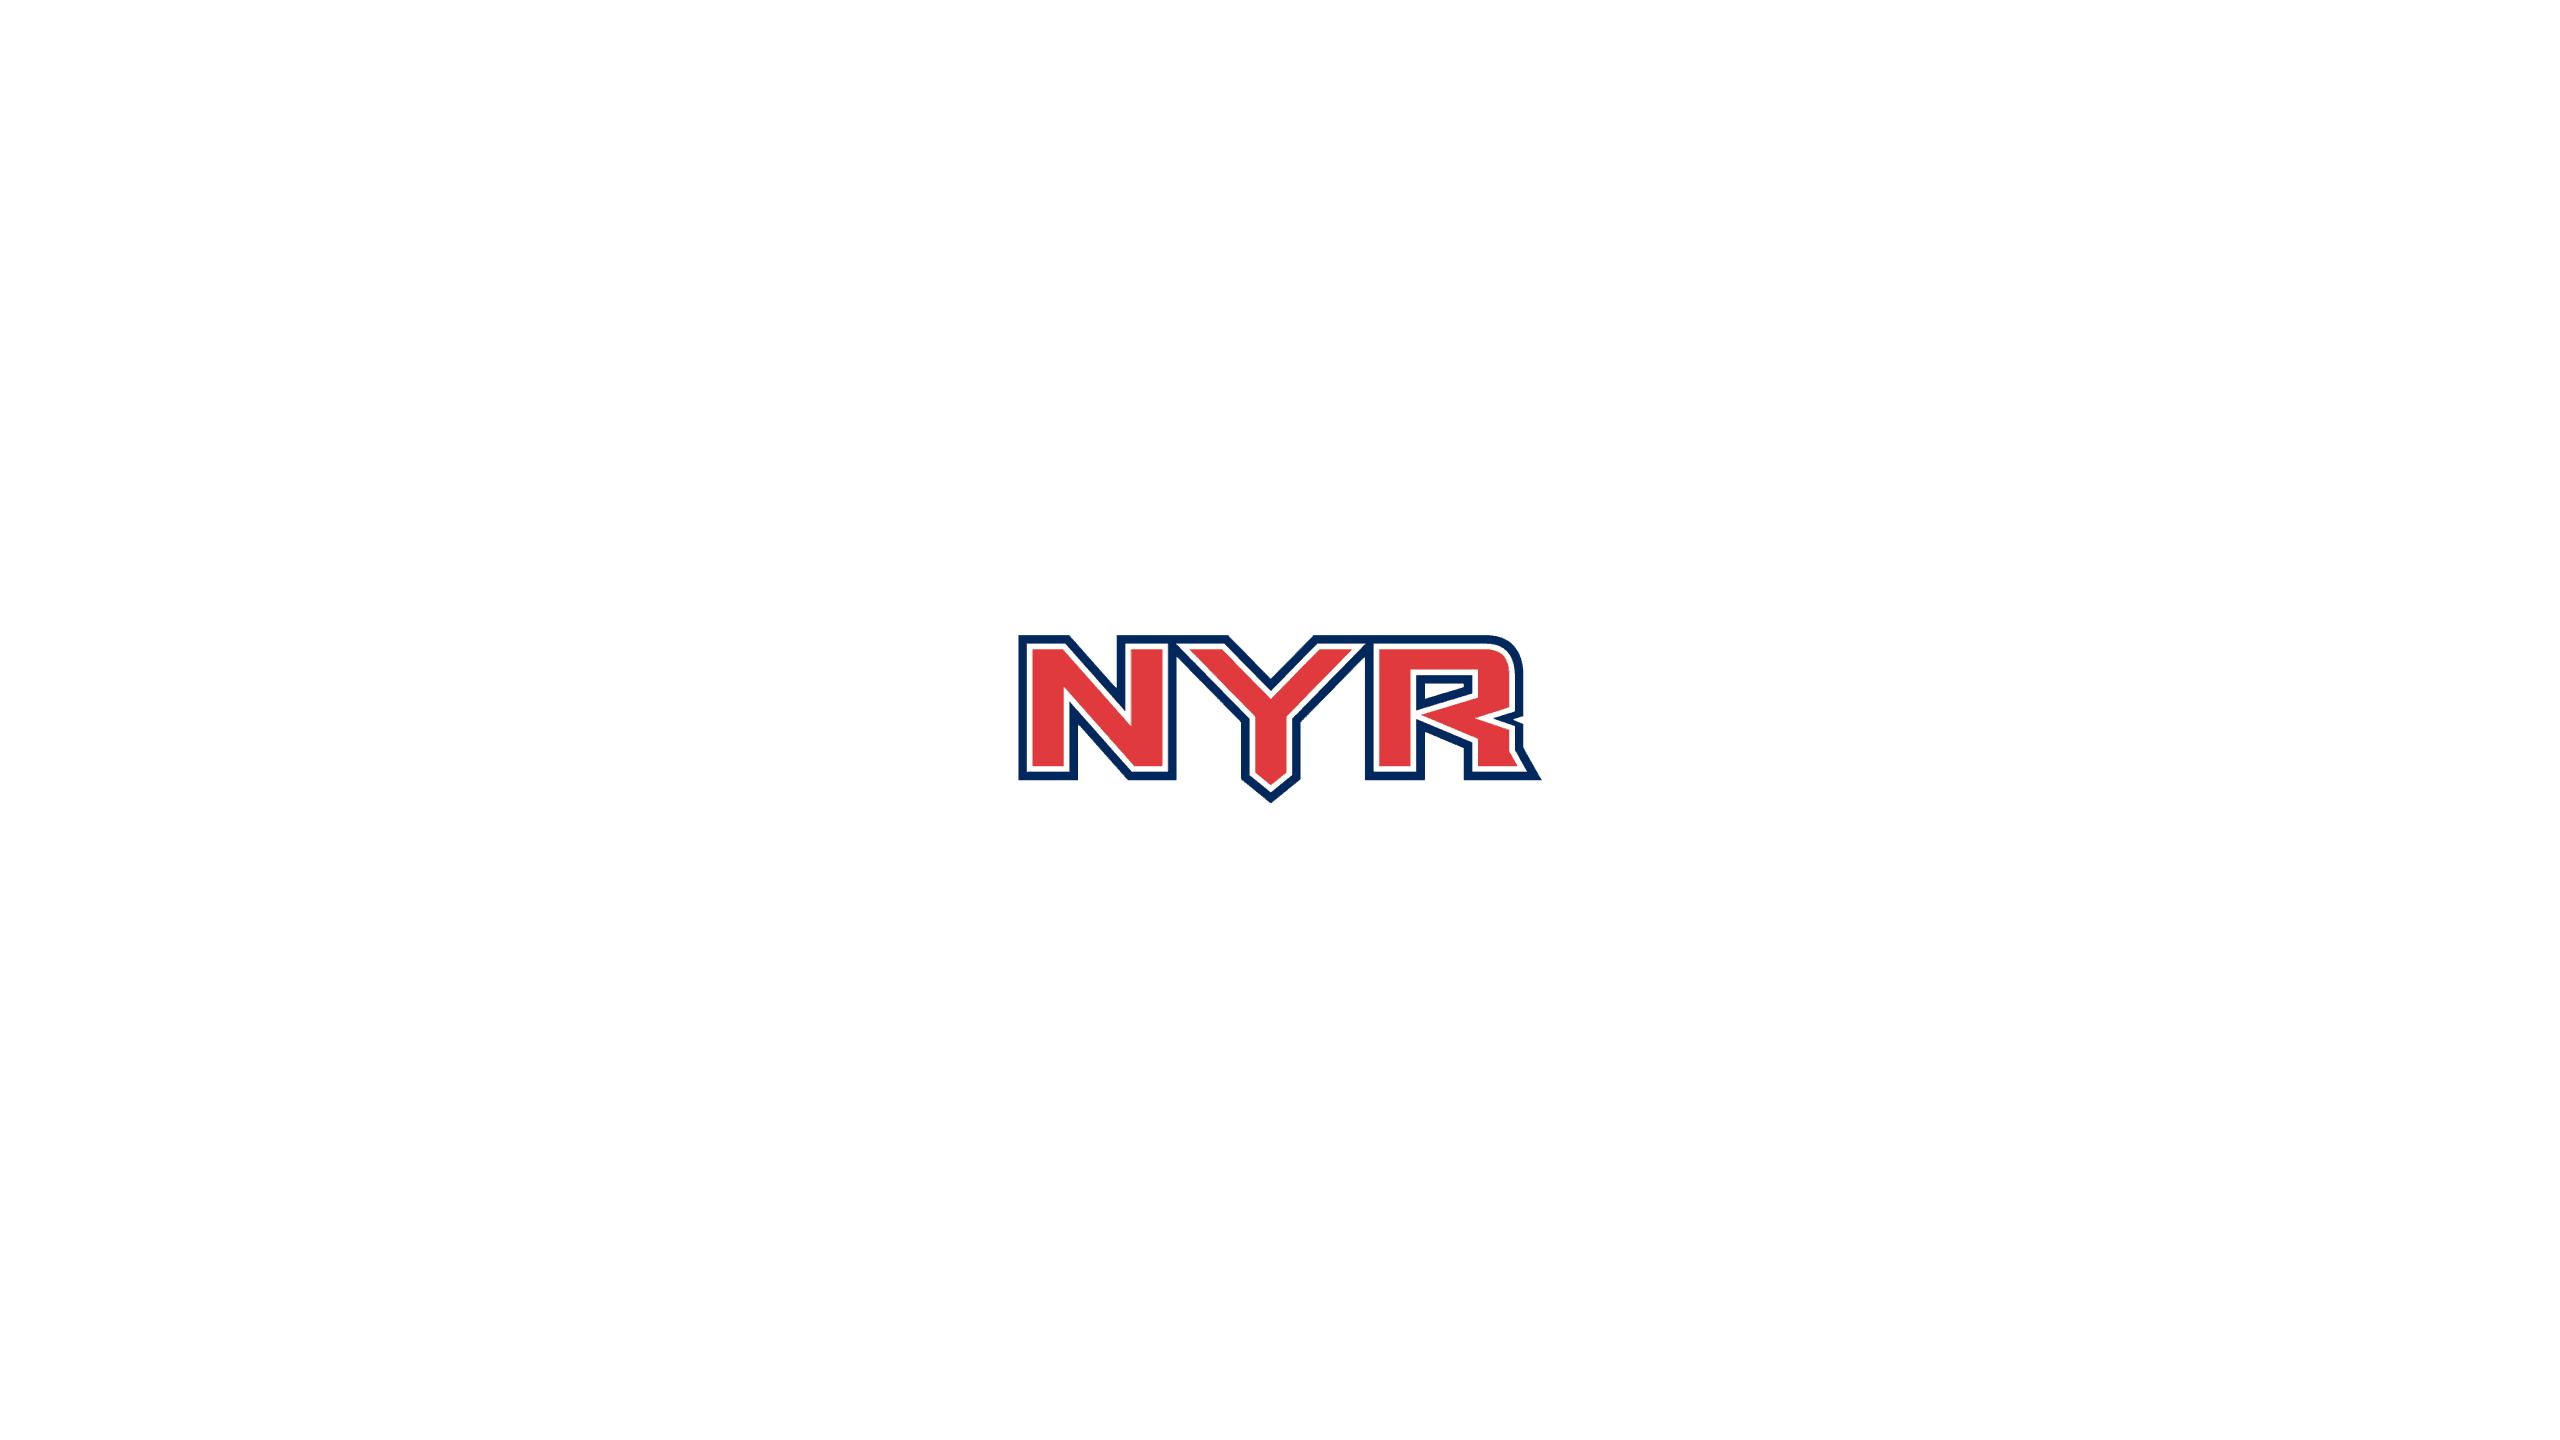 New York Rangers (NYR)